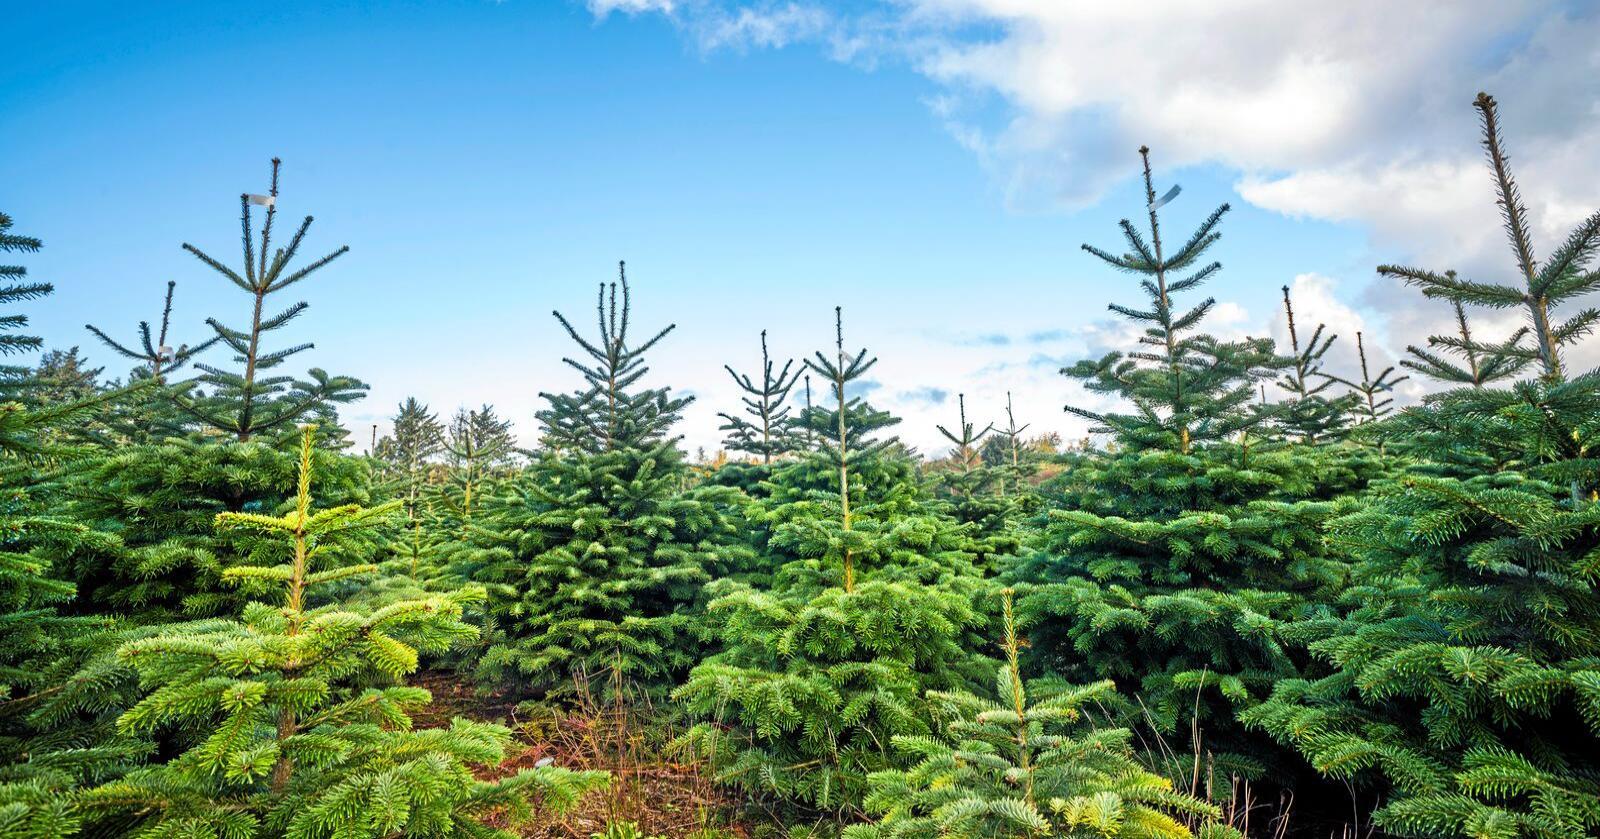 Utsetting av utenlandske treslag i blant annet plantasjer for juletre og pyntegrønt, har konsekvenser for naturmangfoldet på utsettingsområdene. Foto: Mostphotos